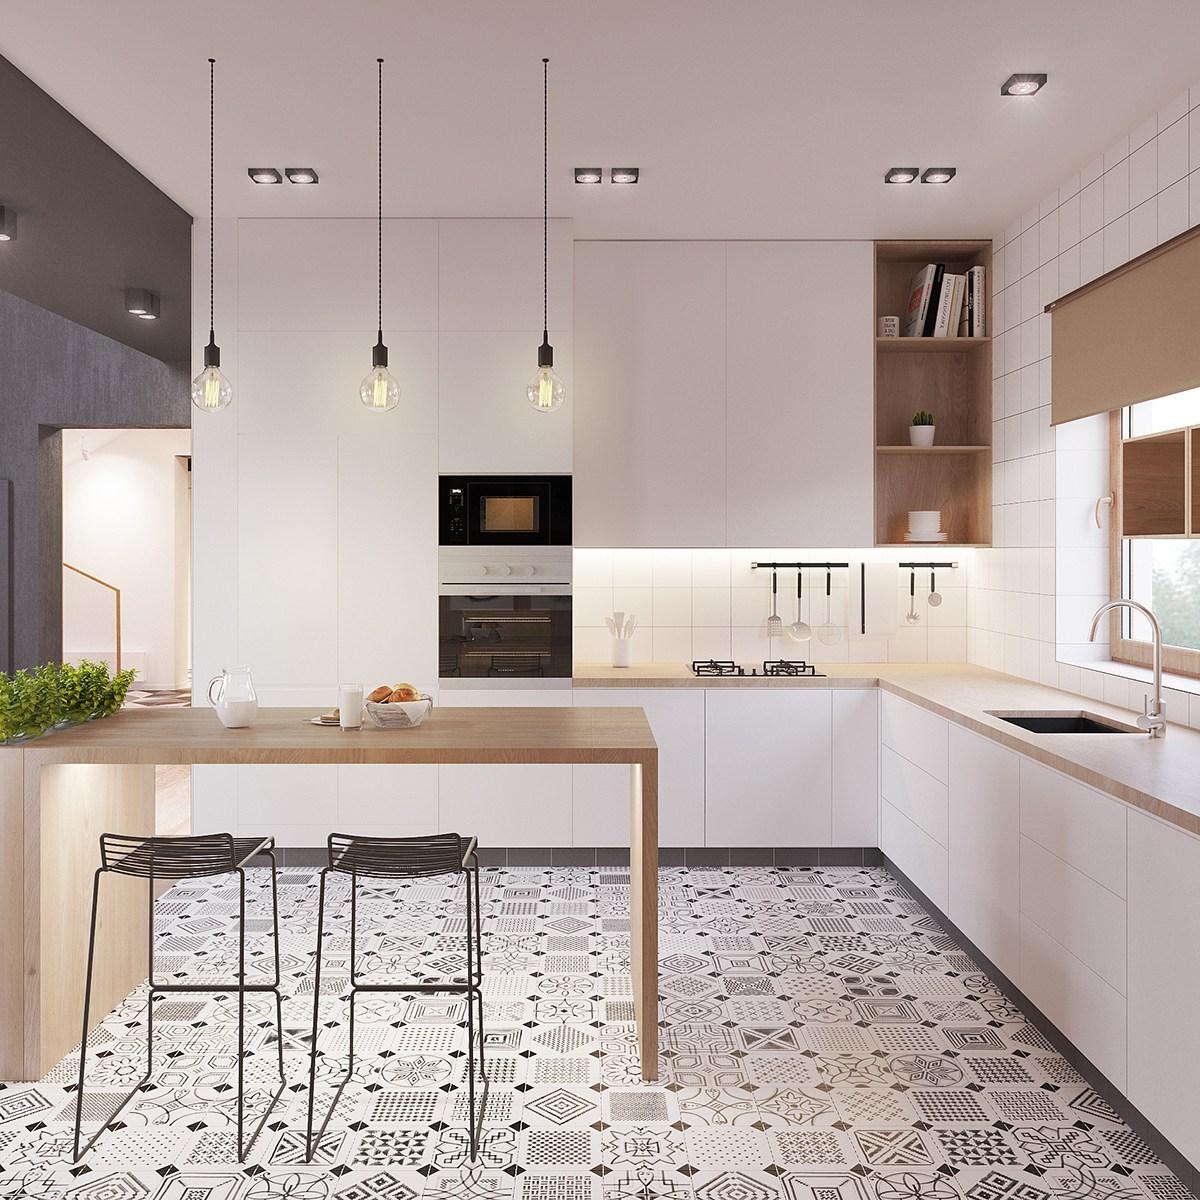 Eclectic Scandinavian Kitchen Floor Tiles